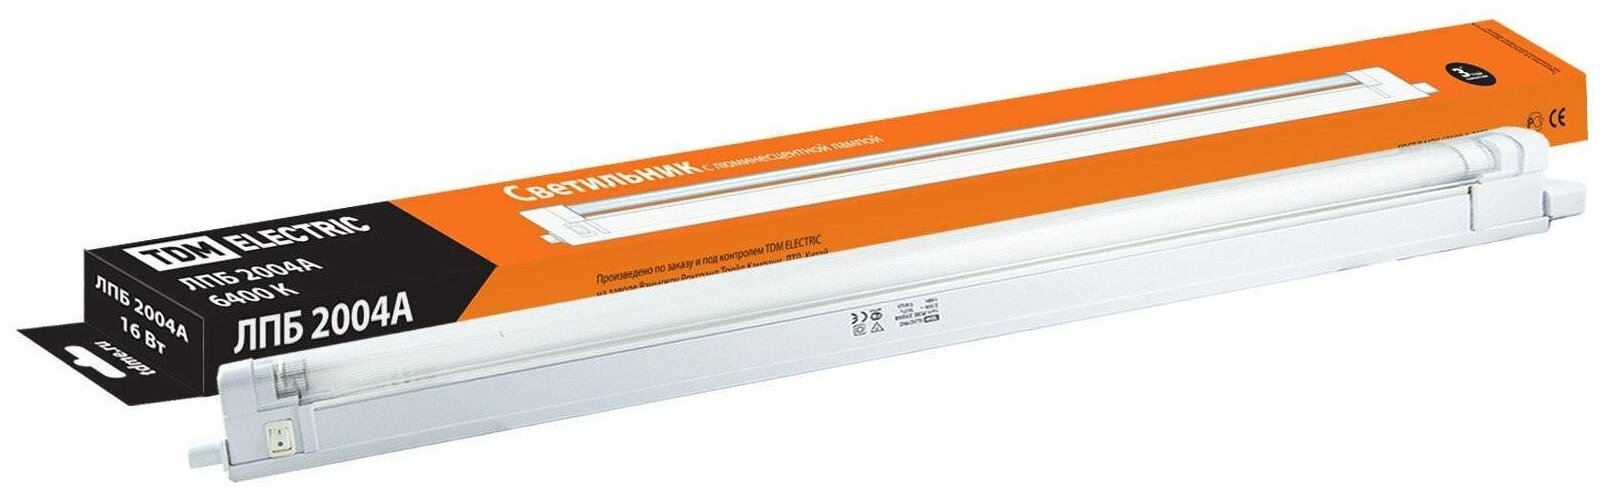 Линейные люминесцентные светильники TDM Светильник ЛПБ2004А 16 Вт 230В Т4/G5 6400К TDM SQ0305-0119 — купить по выгодной цене на Яндекс.Маркете